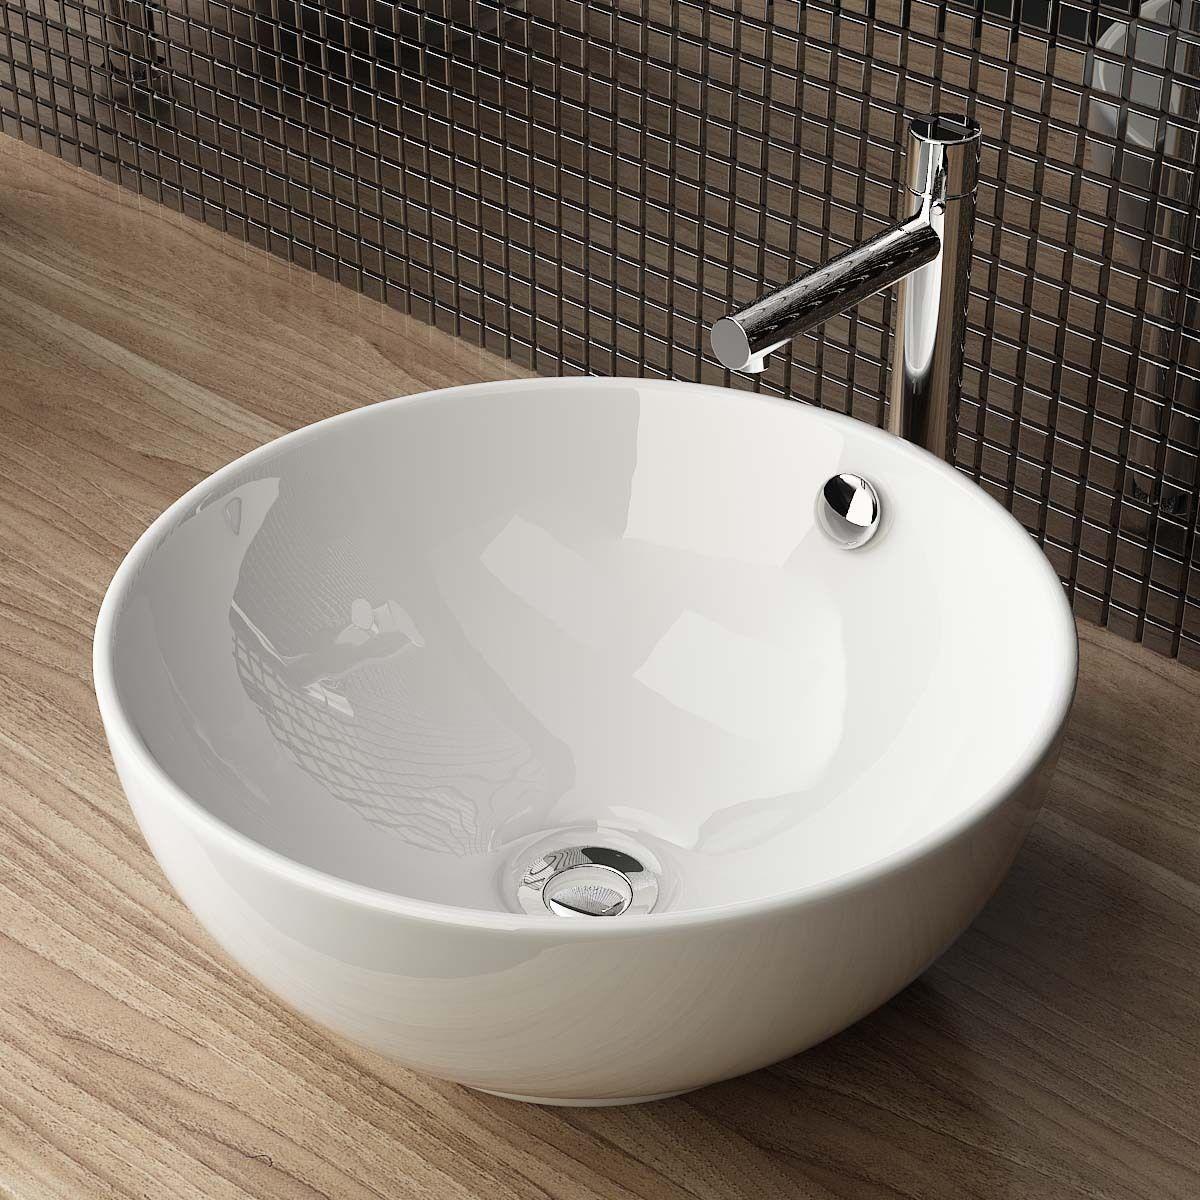 Keramik Design Waschschale Waschbecken Tisch Aufsatzbecken Waschplatz Top A87 Ebay Waschbecken Aufsatzwaschbecken Waschschale